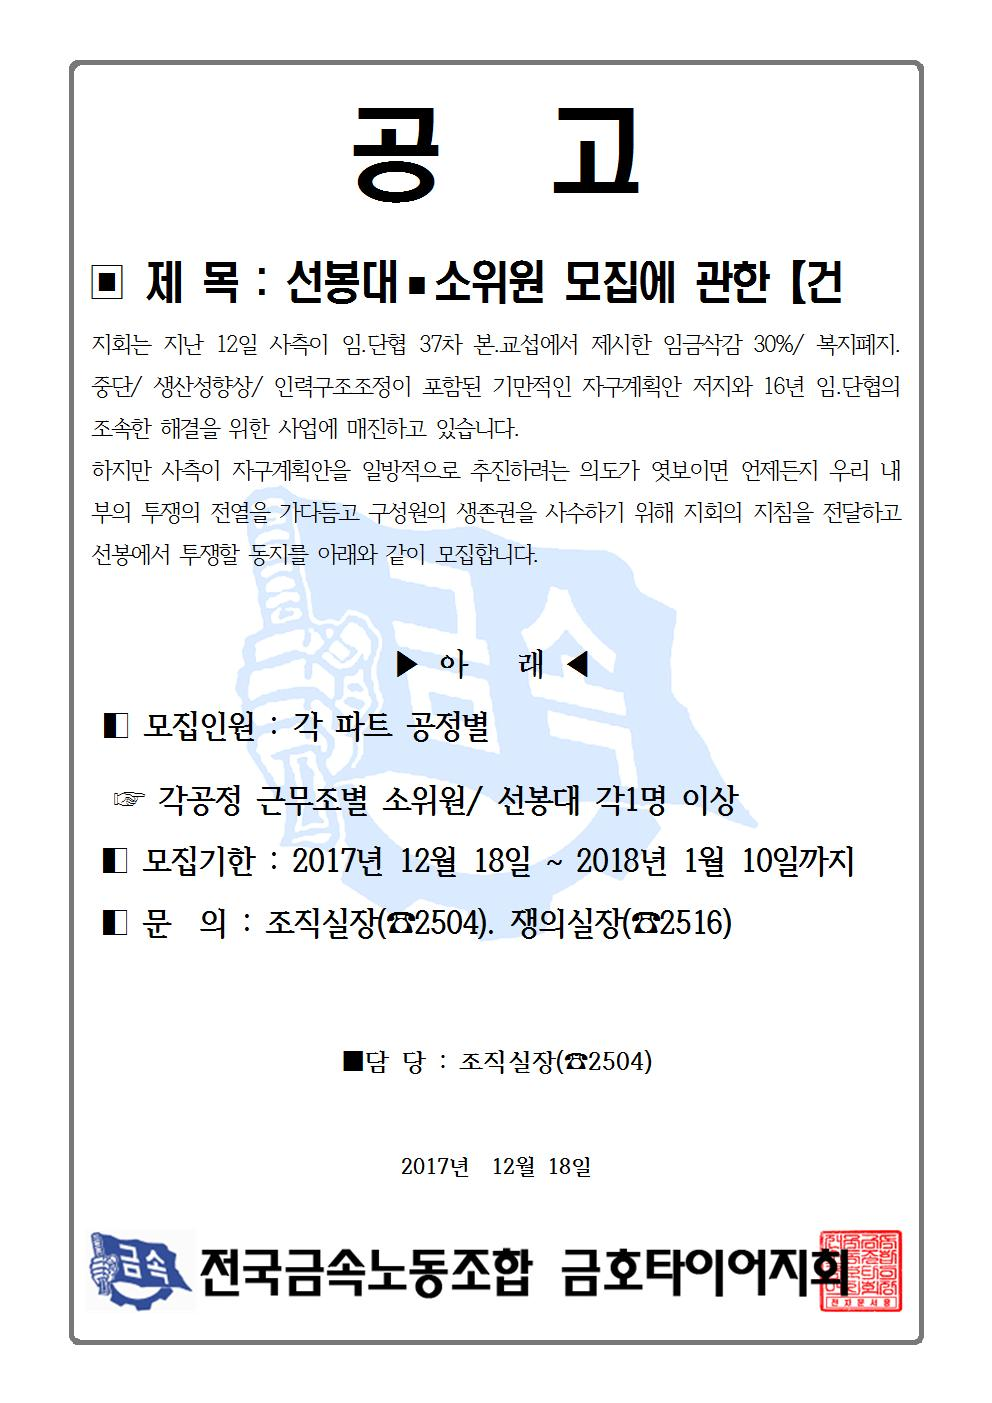 선봉대모집 공고001.jpg